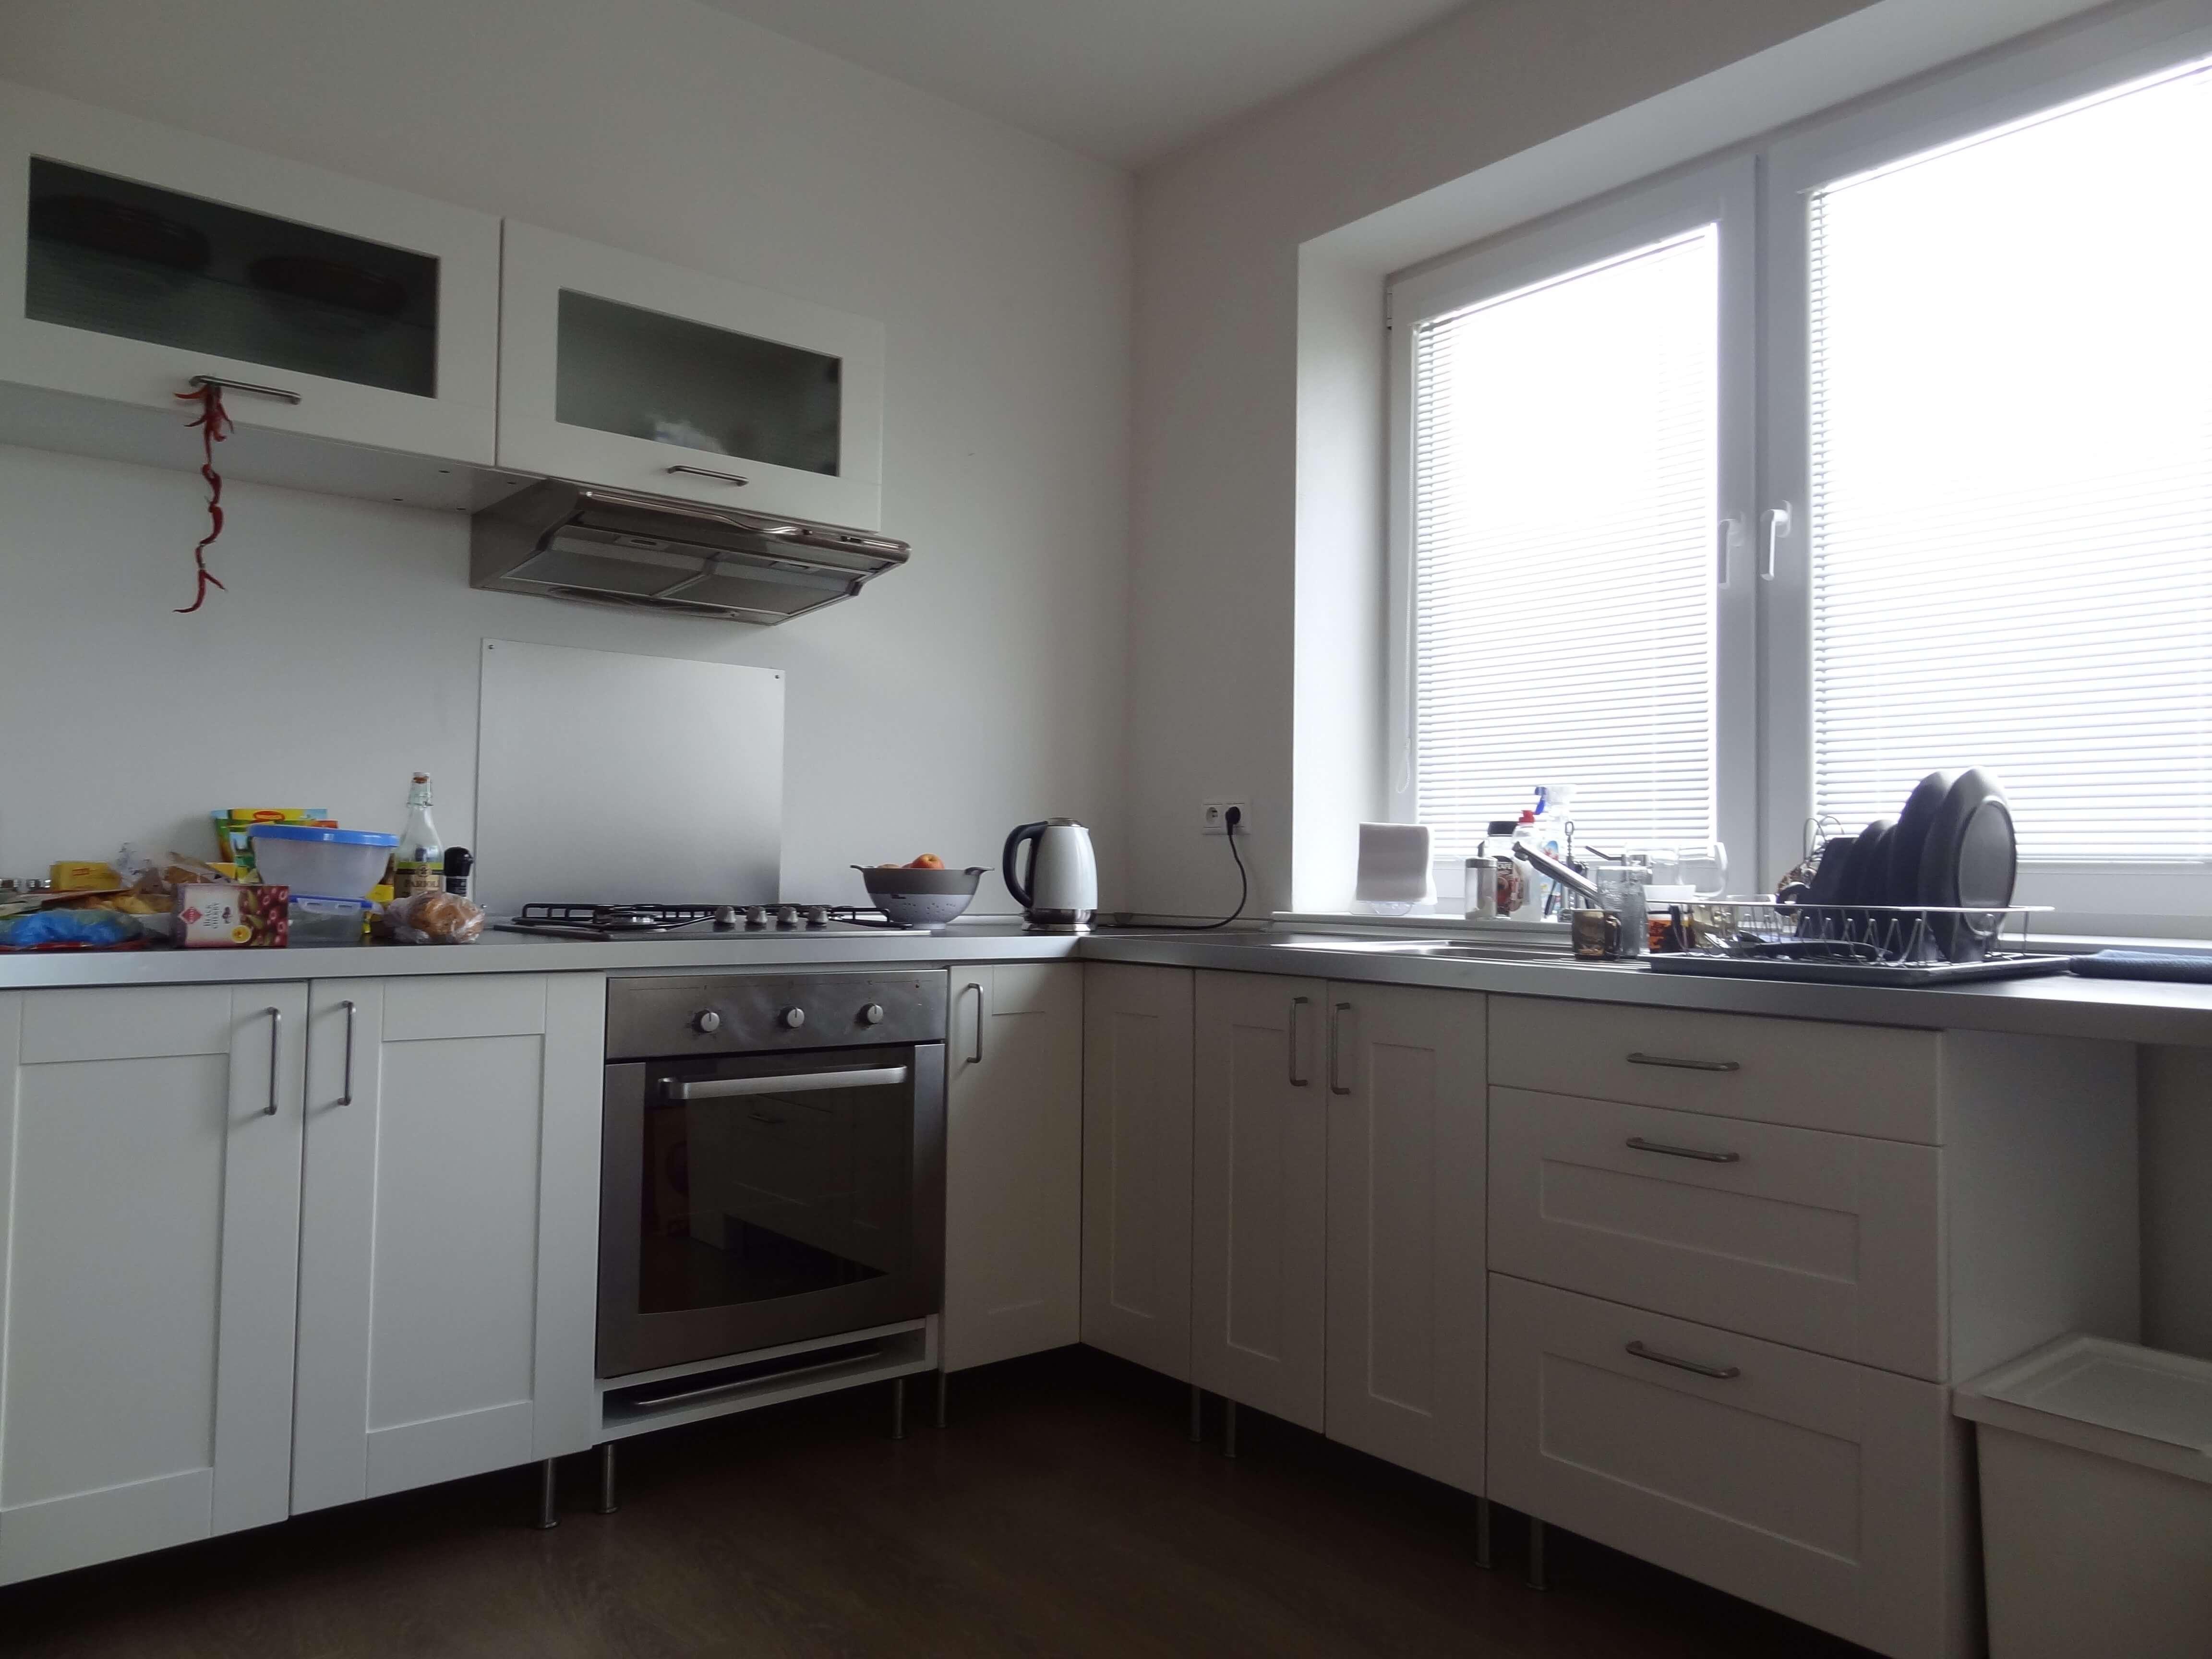 Predaný: Exkluzívne na predaj 3 Izbový byt v novostavbe, 87,2m2, loggia 7,4m2, Družstevná, Hamuliakovo-6